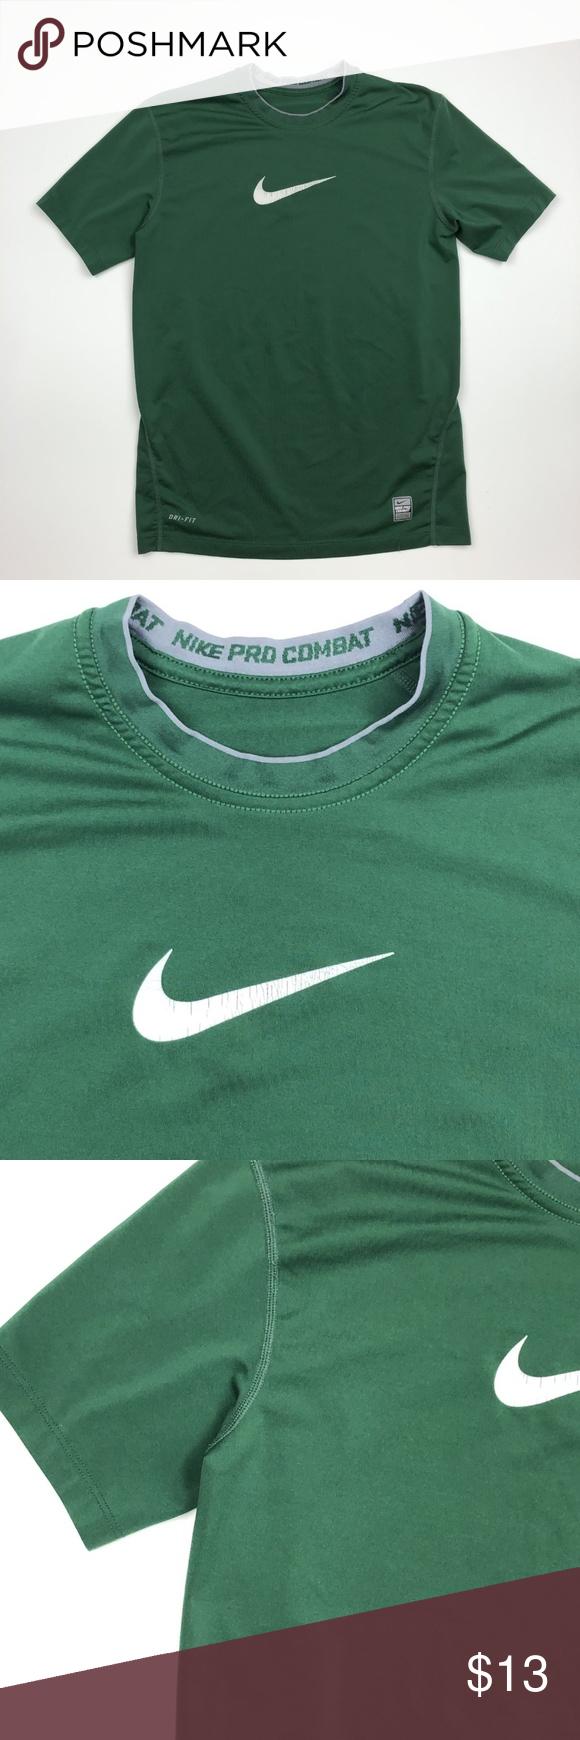 Nike Pro Combat Boys T Shirt Size S Green Se13 Boys T Shirts Nike Pro Combat Shirts [ 1740 x 580 Pixel ]